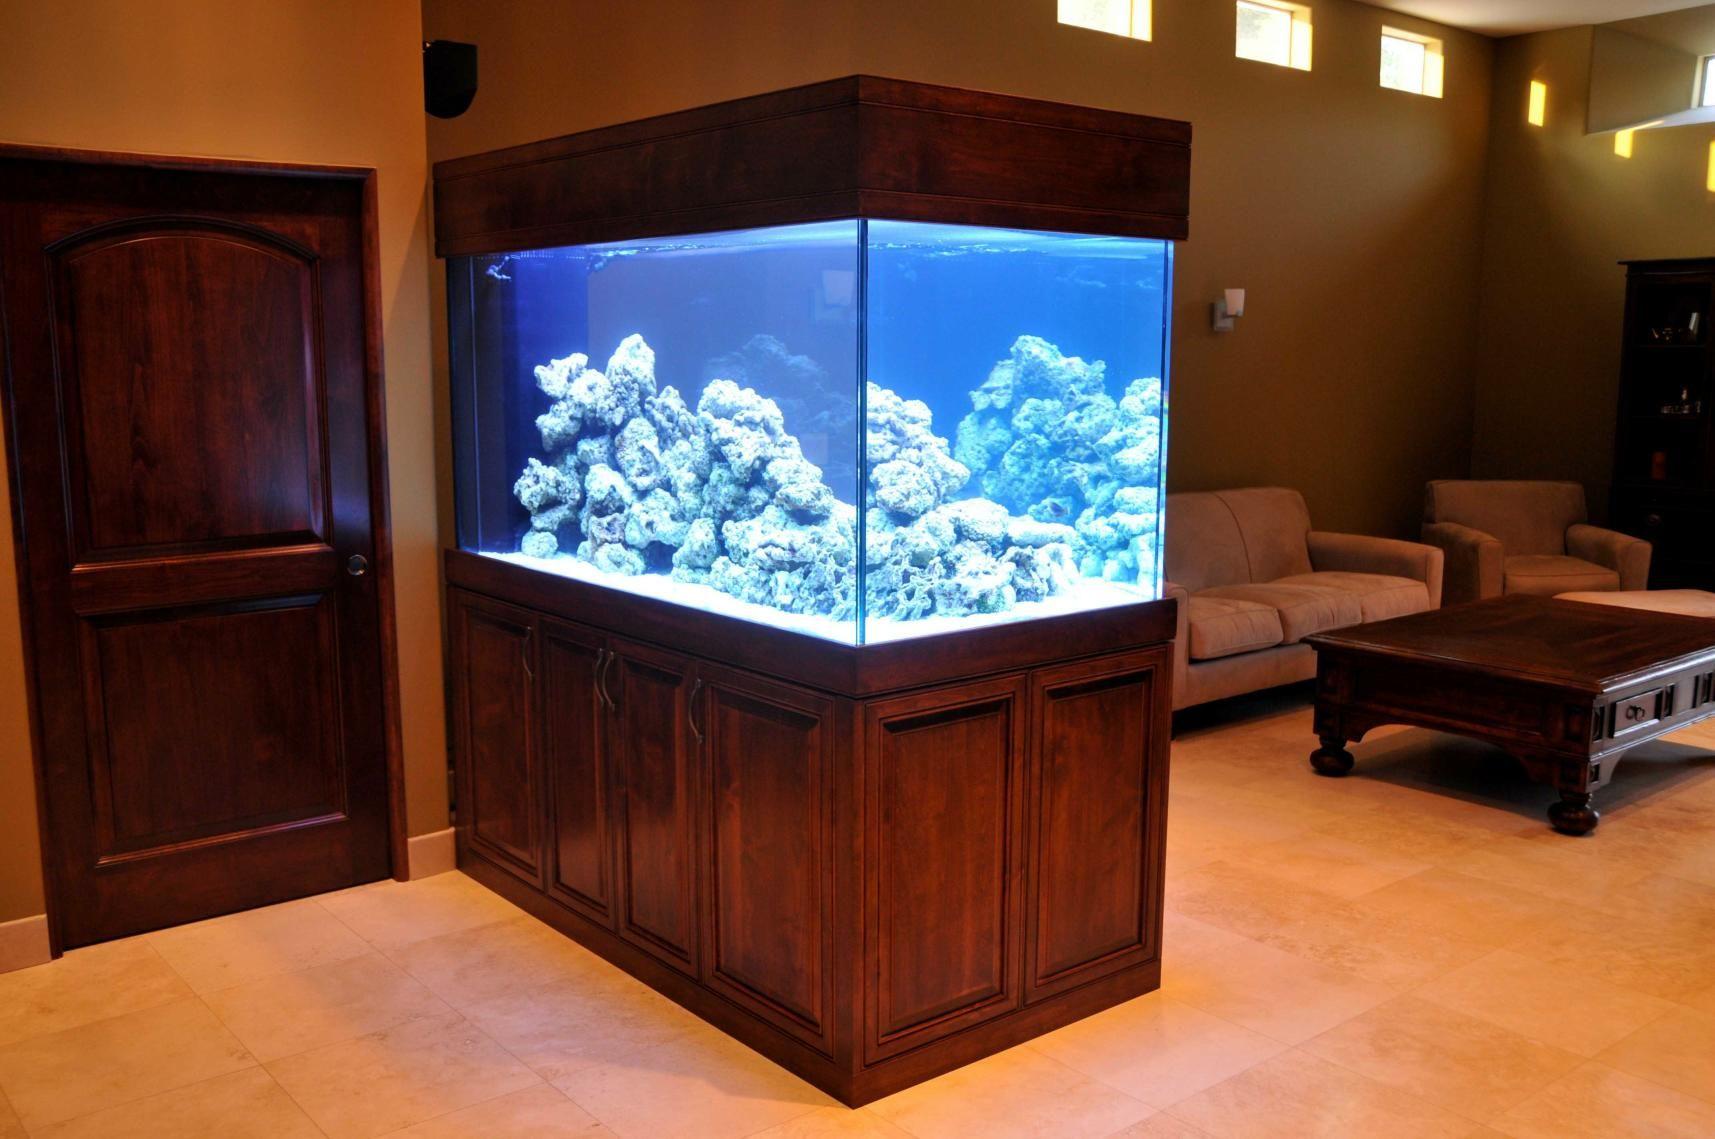 параллелепипедные аквариумы картинка фотосалонов фотостудий ангарска